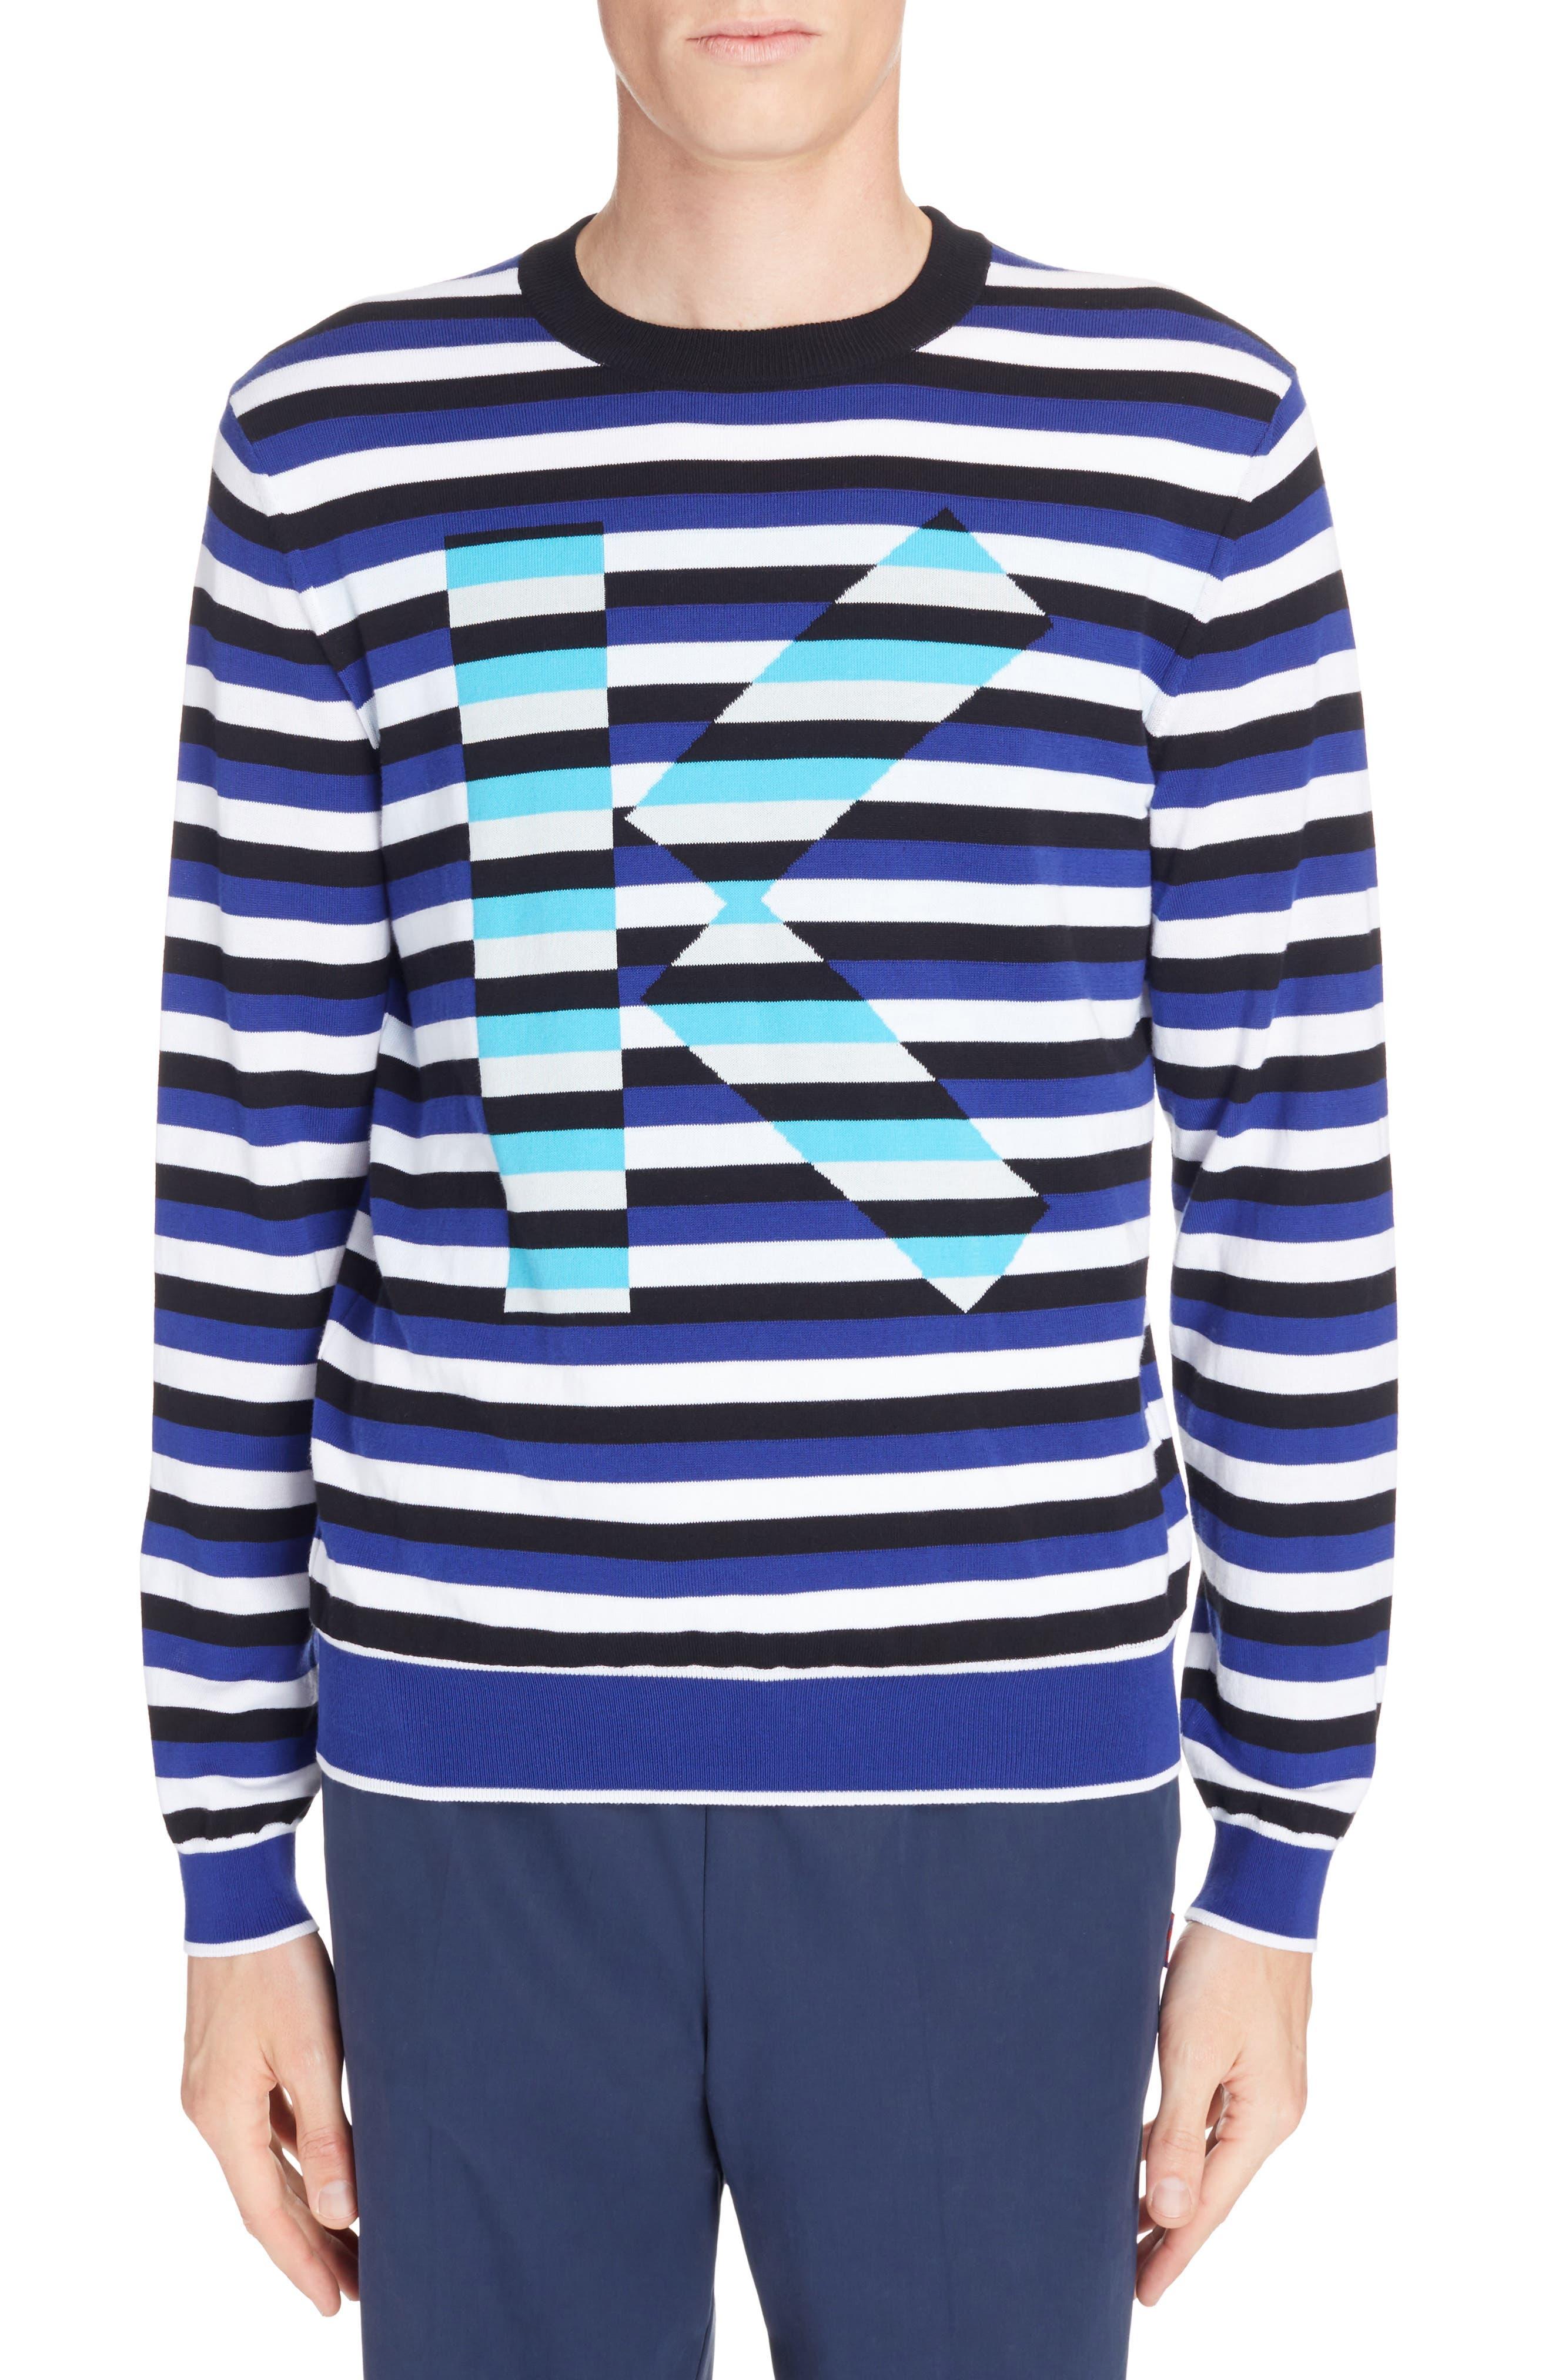 Large K Stripe Sweater,                             Main thumbnail 1, color,                             422